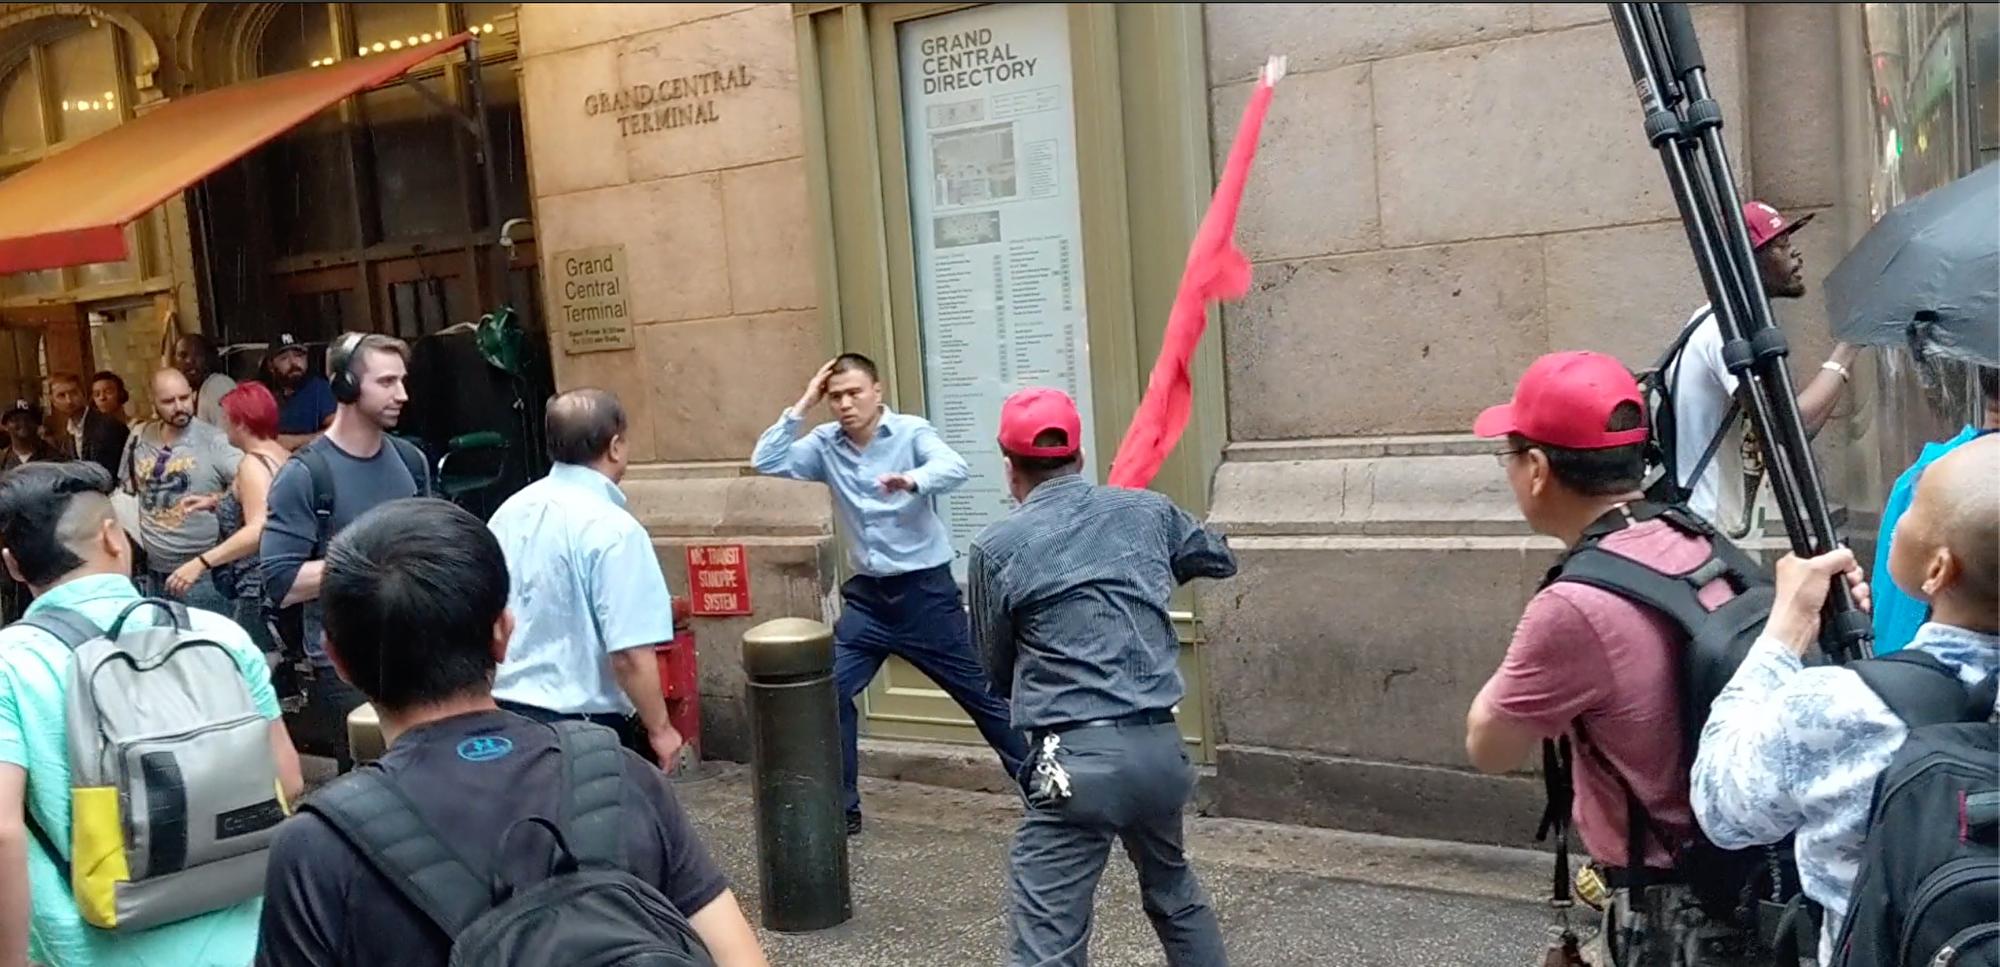 2019年中華民國總統蔡英文過境紐約時,親共分子揮舞五星旗,攻擊蔡英文的支持者。如今他們對美國關閉侯斯頓中領館一聲不吭。(大紀元資料圖)